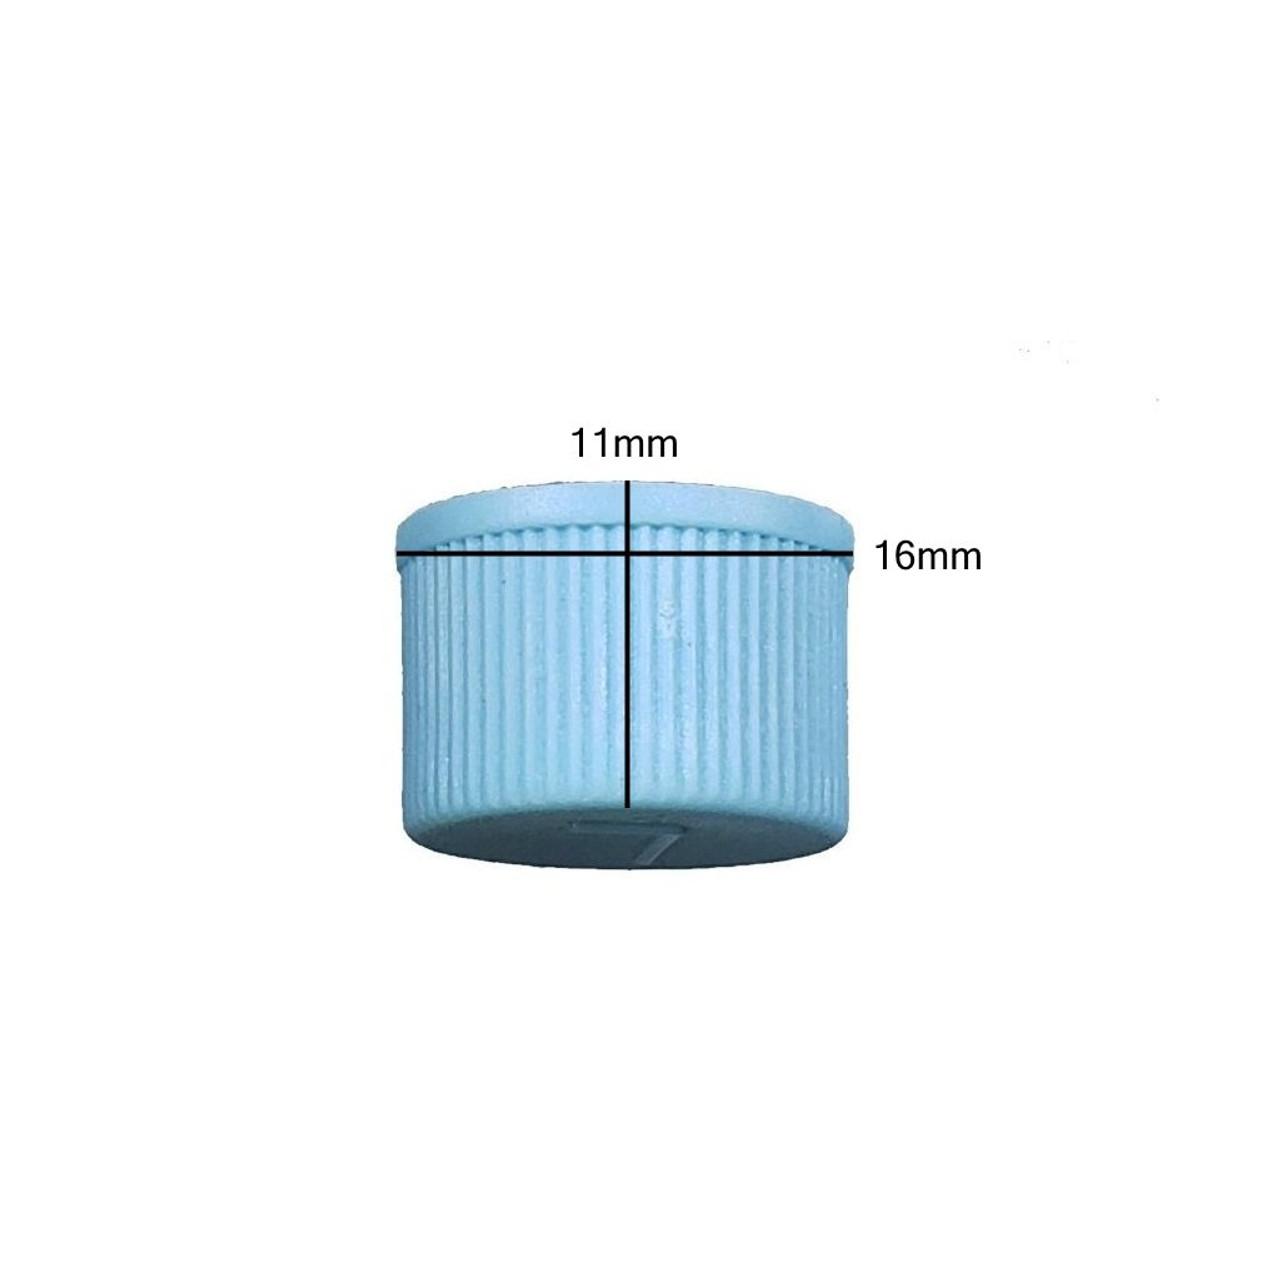 Measurements on AC Service Cap R134a - Blue Low Side M9x1.0